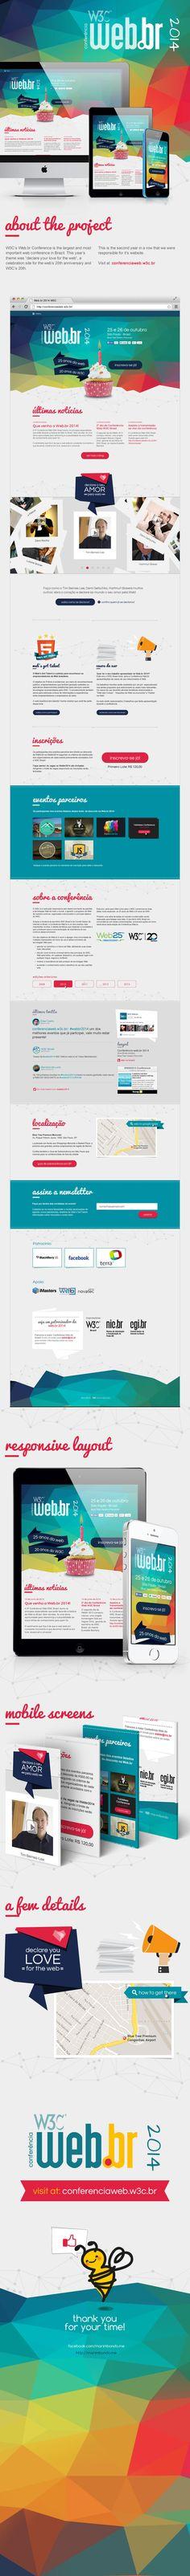 W3C Web.br 2014